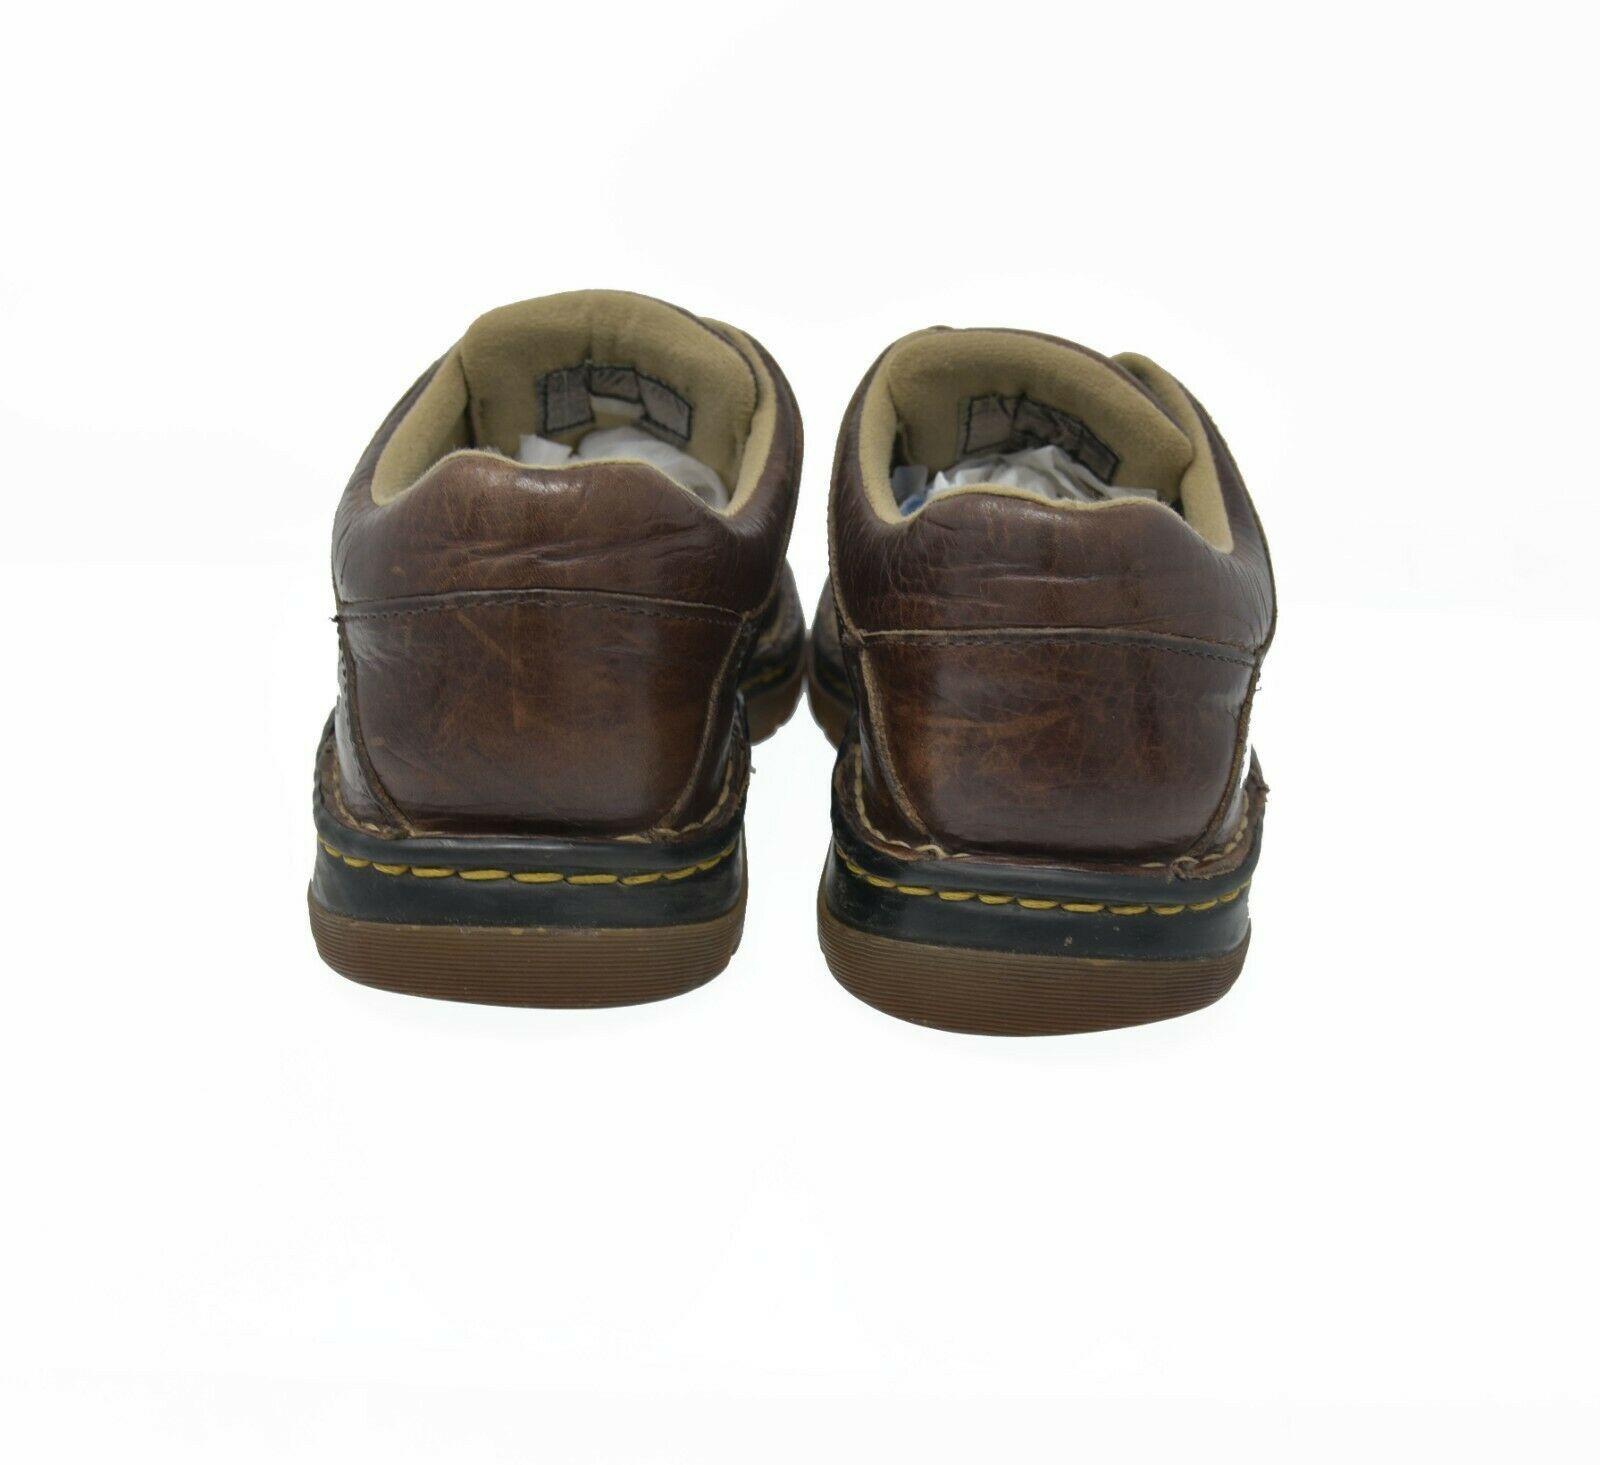 Doc Dr. Martens Men's Sz 10 EU 43 Brown Leather Lace Up Oxford Casual Shoes - $39.99